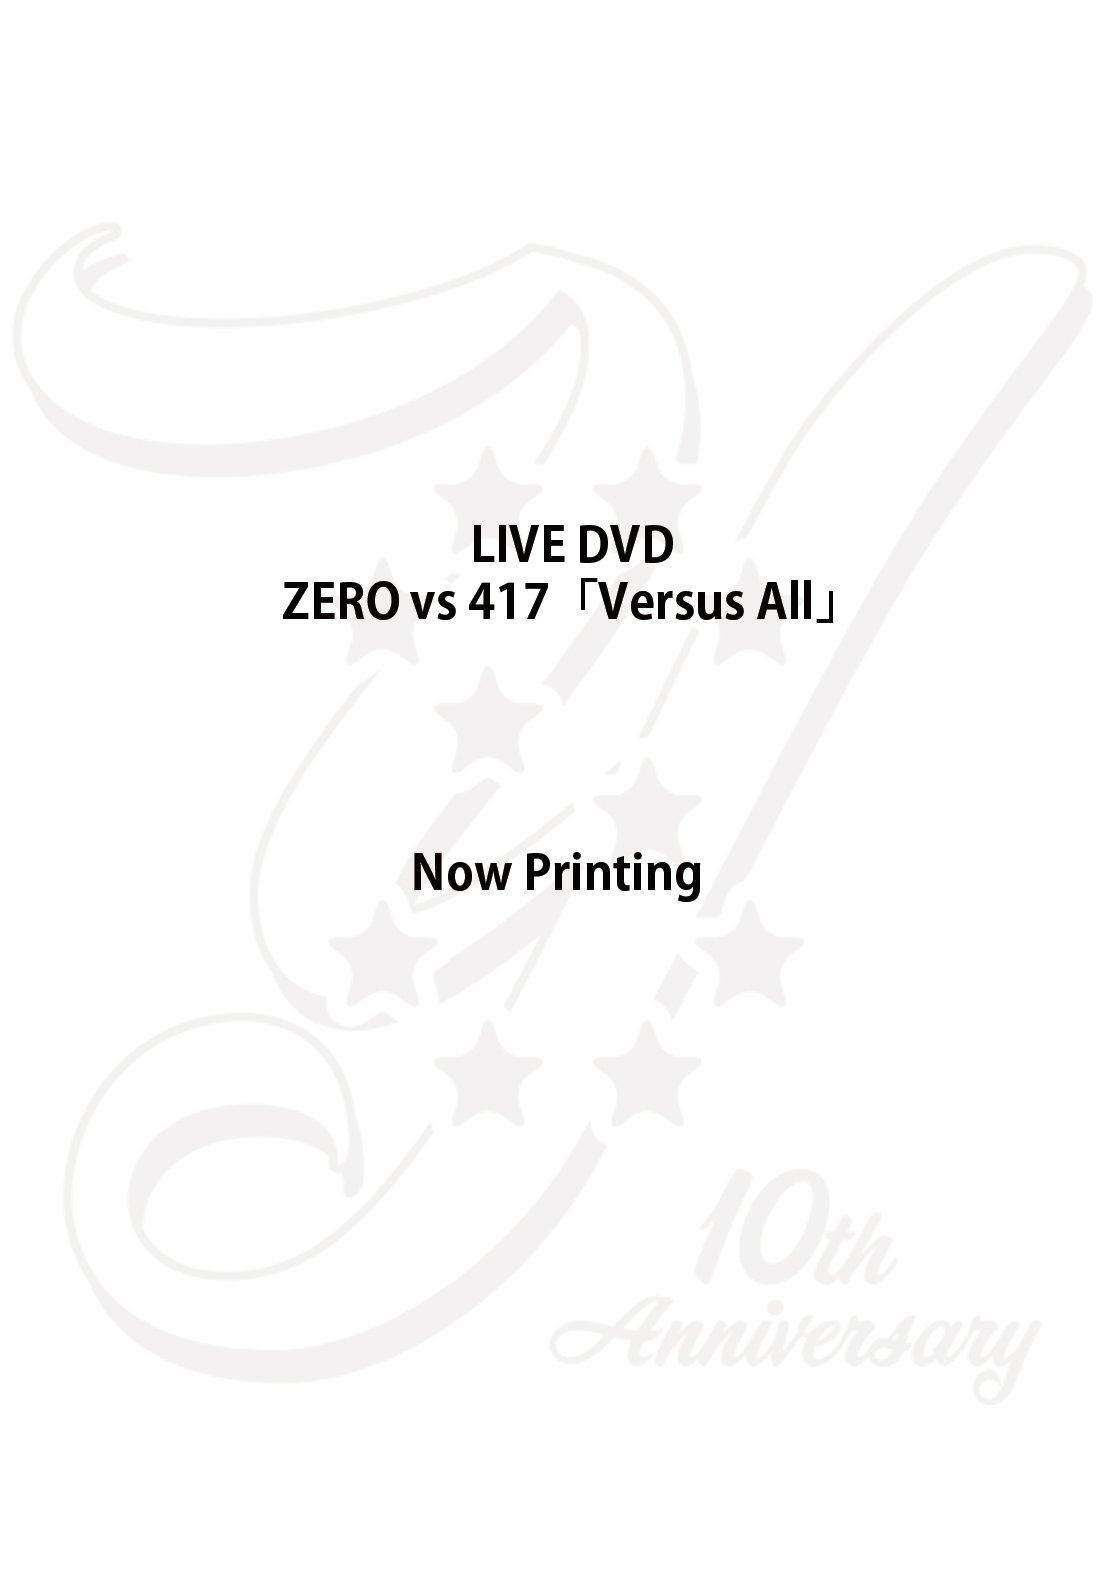 ZERO vs 417「Versus All」(LIVE DVD)の画像